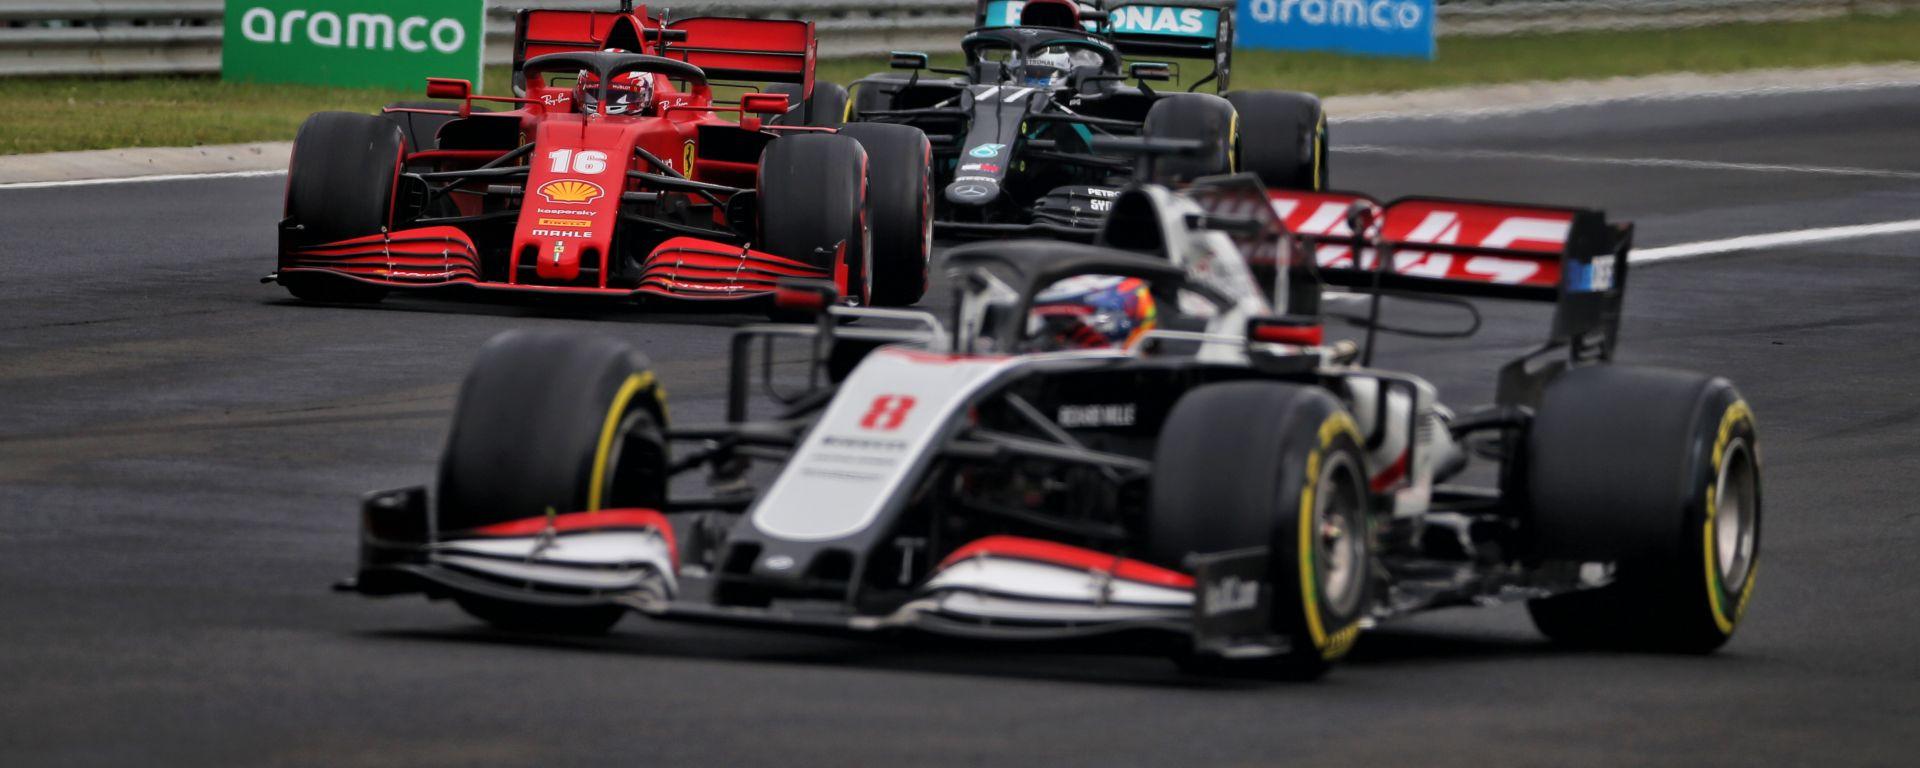 """Motorizzati Ferrari, a Silverstone si prevede sofferenza: """"Non ci sarà gioia"""""""